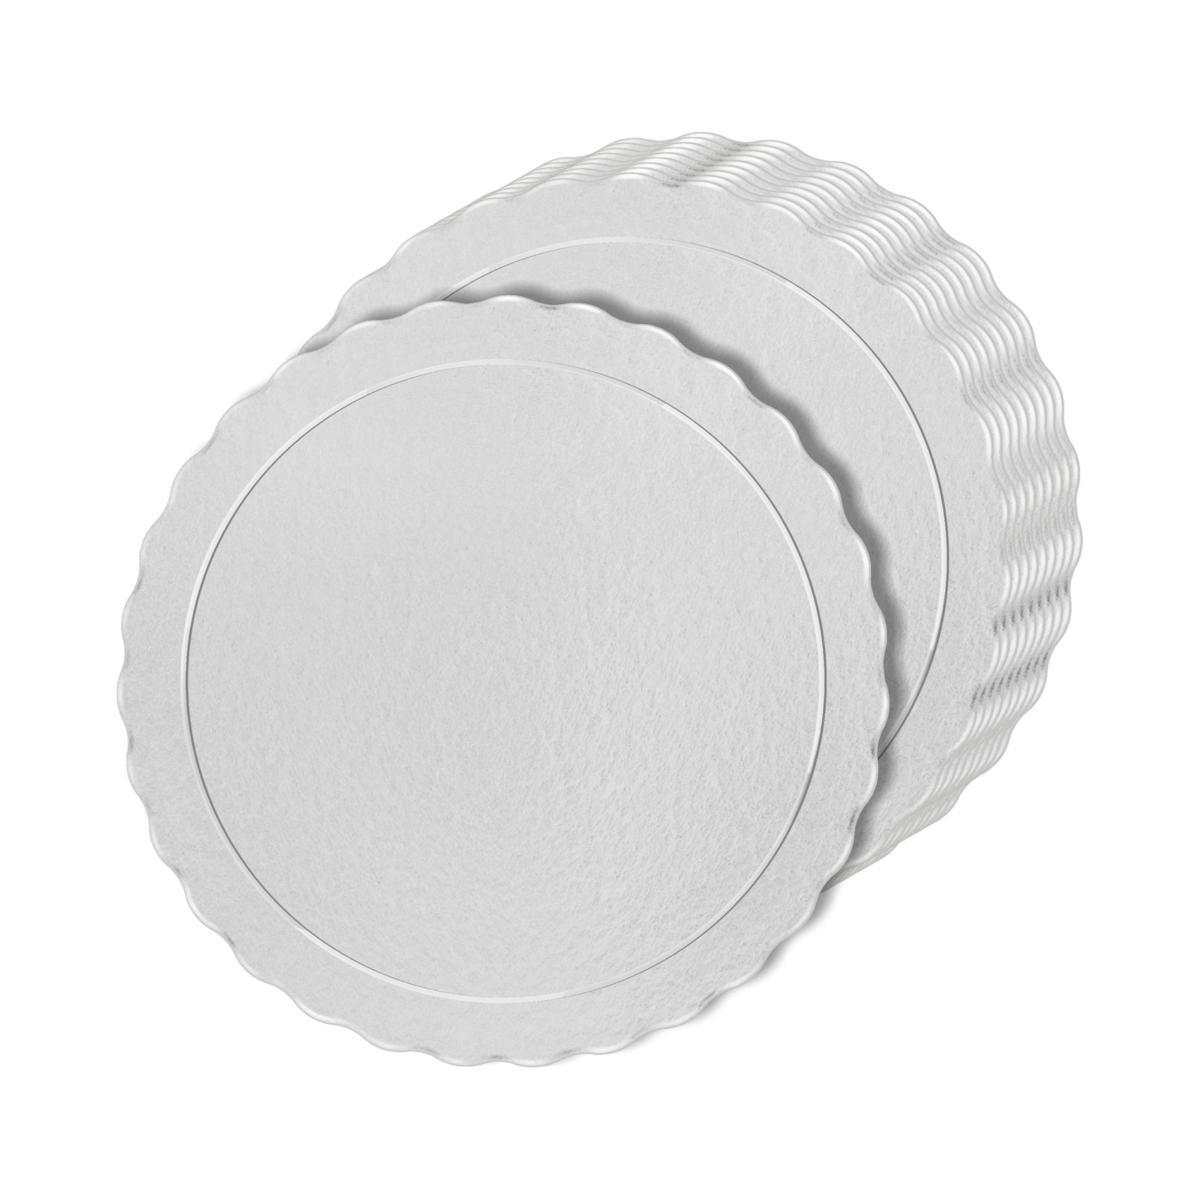 100 Bases Laminadas Para Bolo Redondo, Cake Board 35cm - Branco